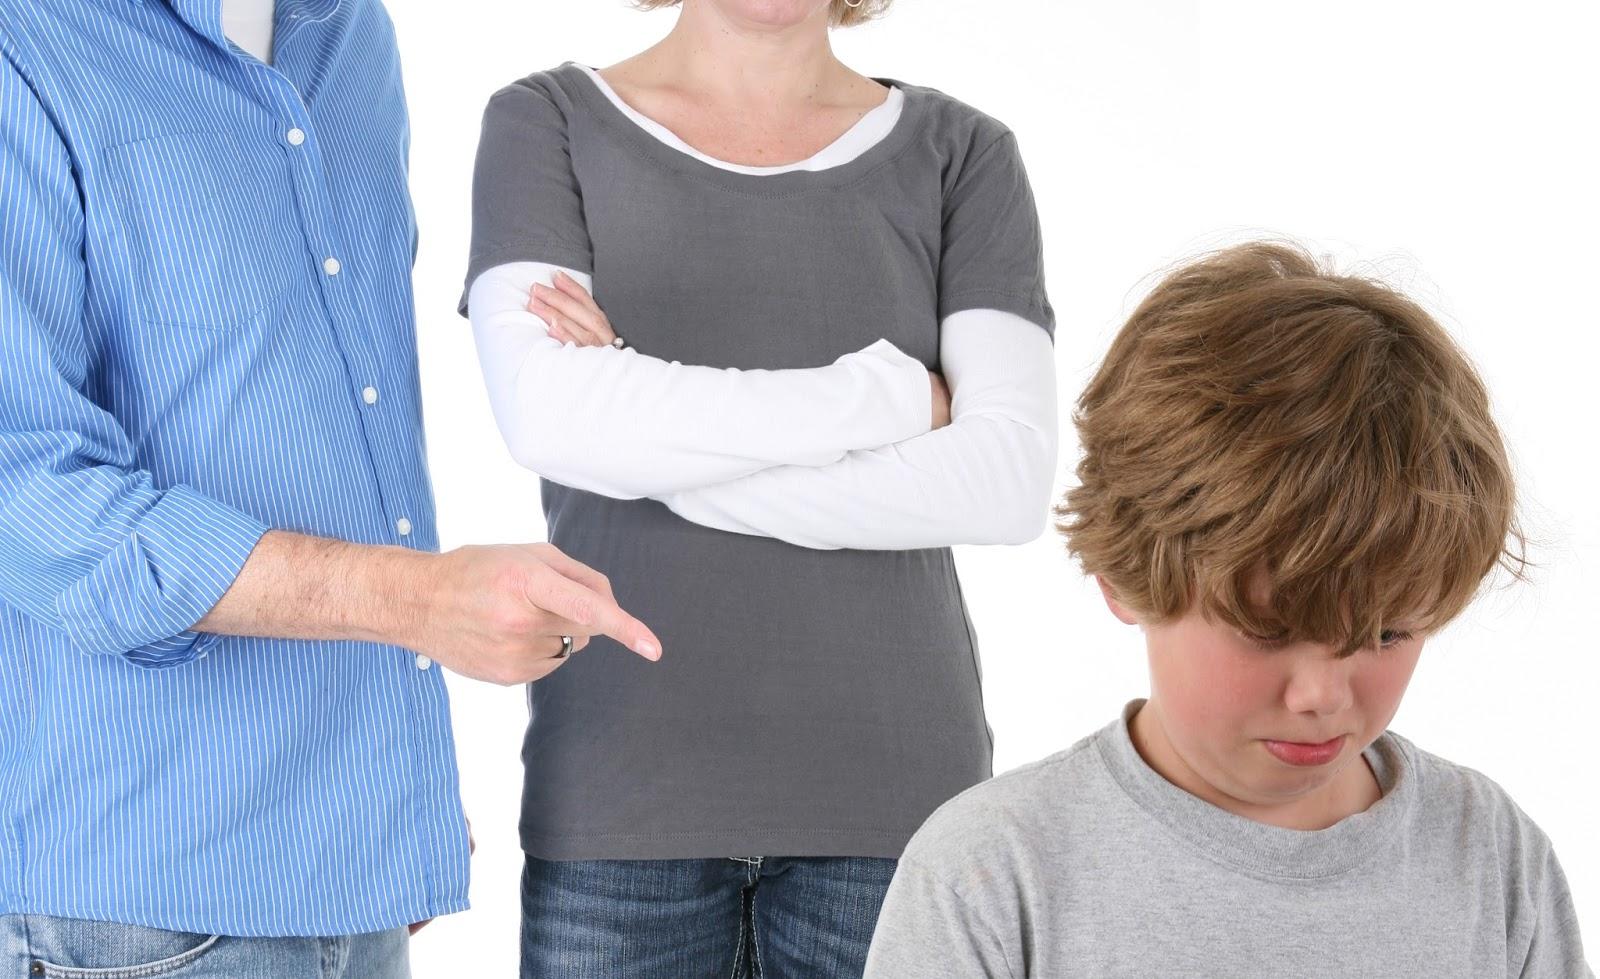 Сын наказал свою мать жестоко, Властная мать наказала нахального сына 6 фотография